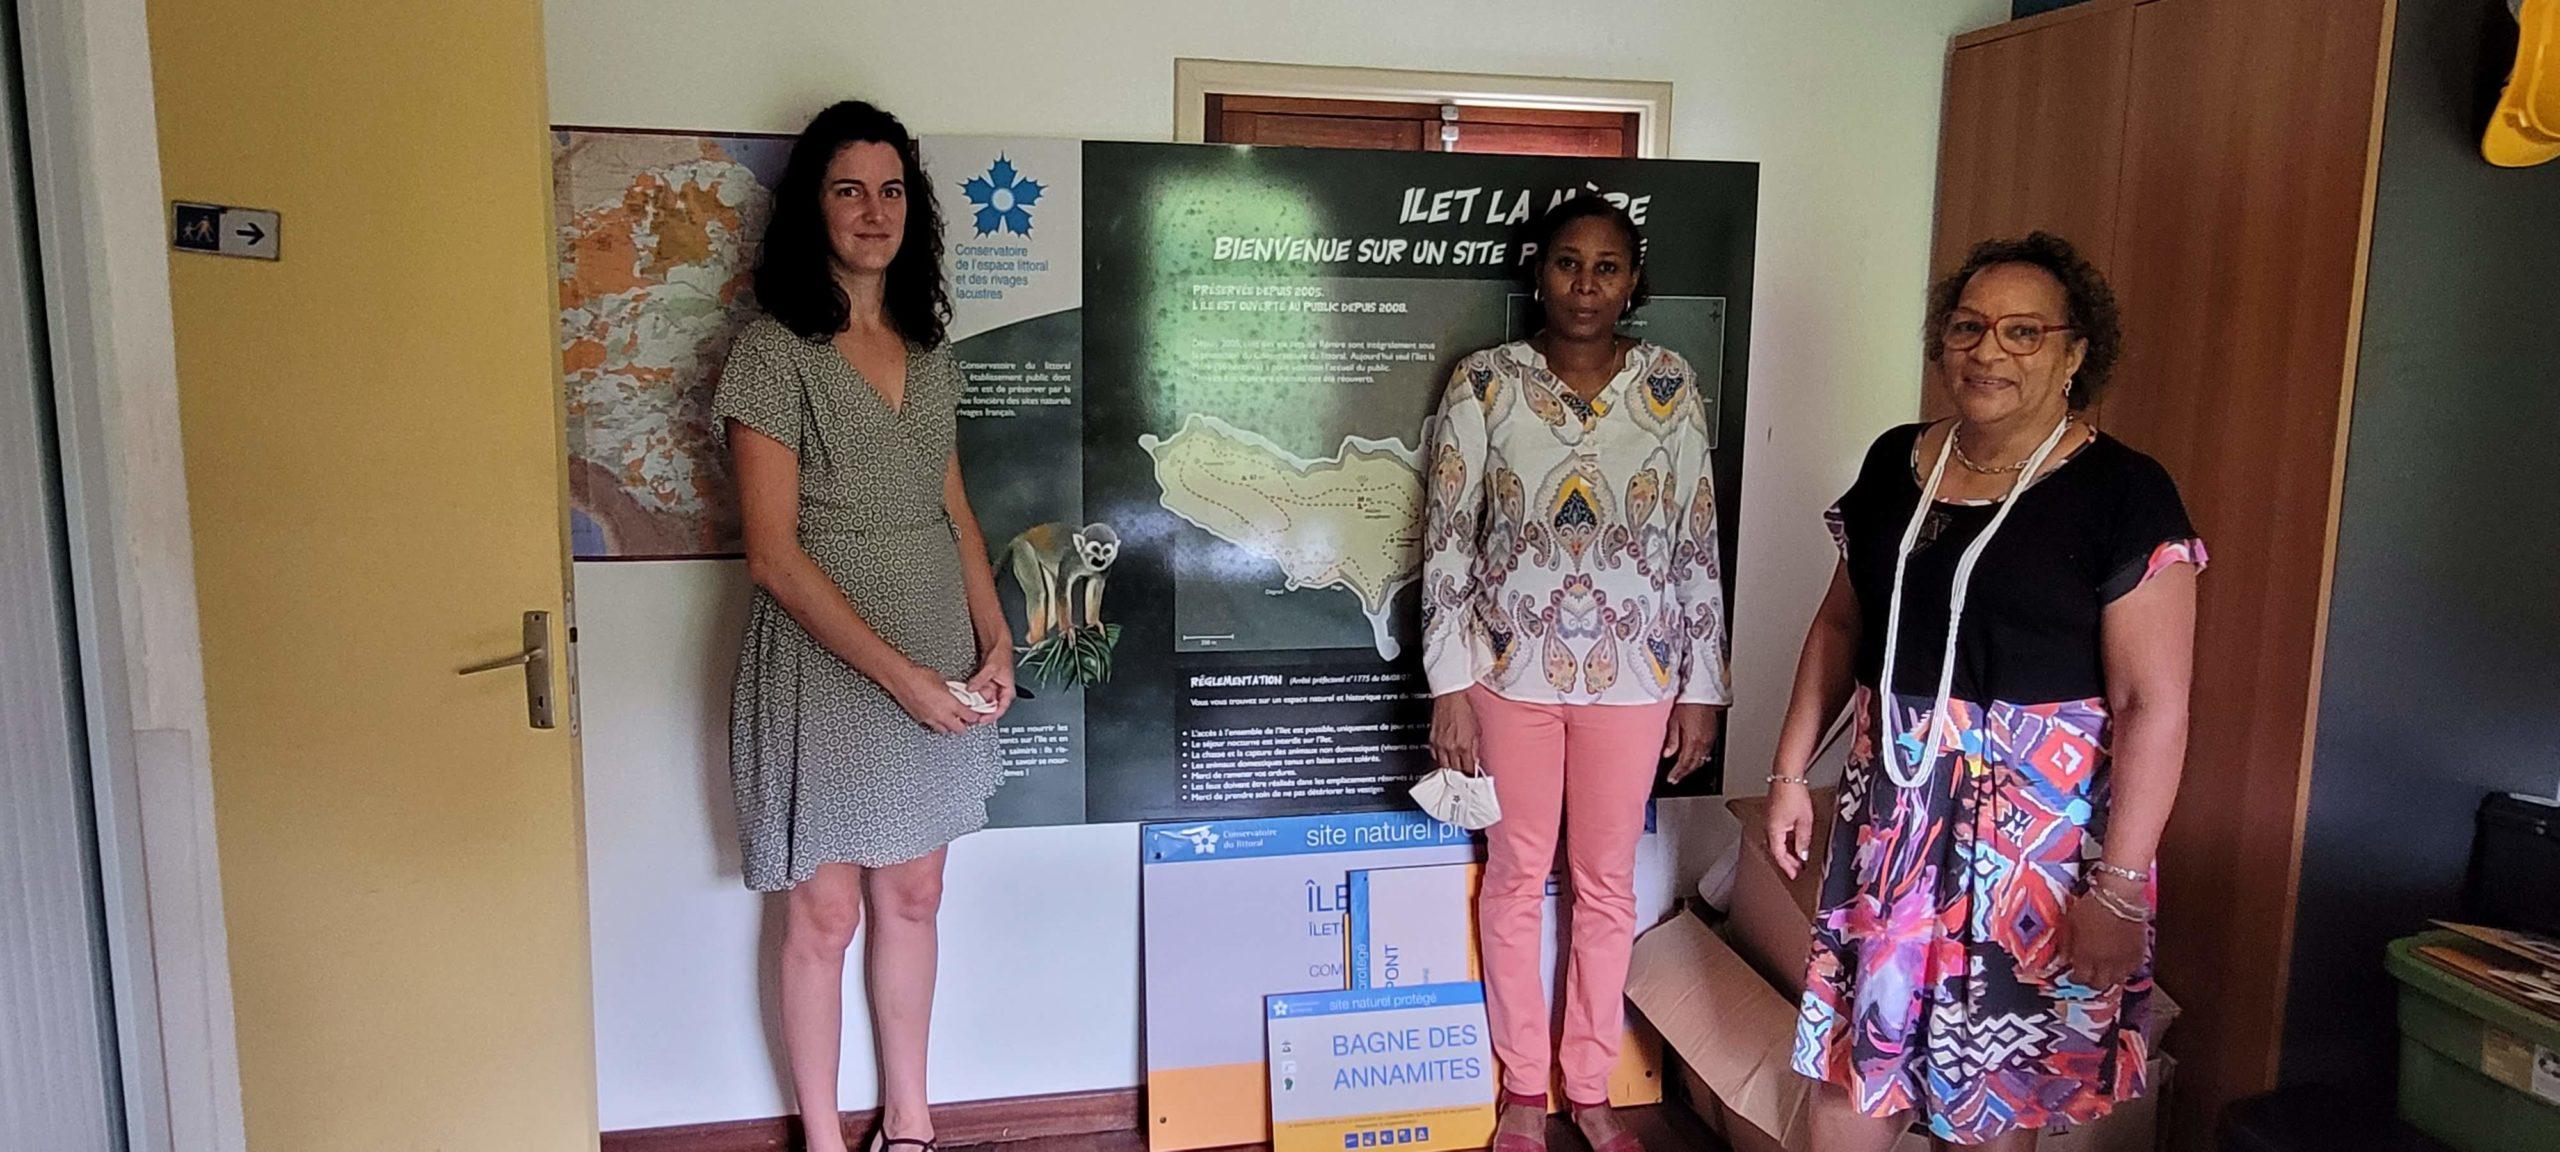 Rencontre avec le Conservatoire du Littoral et le Parc naturel régional de Guyane, pour une Guyane 2030 bleue & verte durable et inclusive